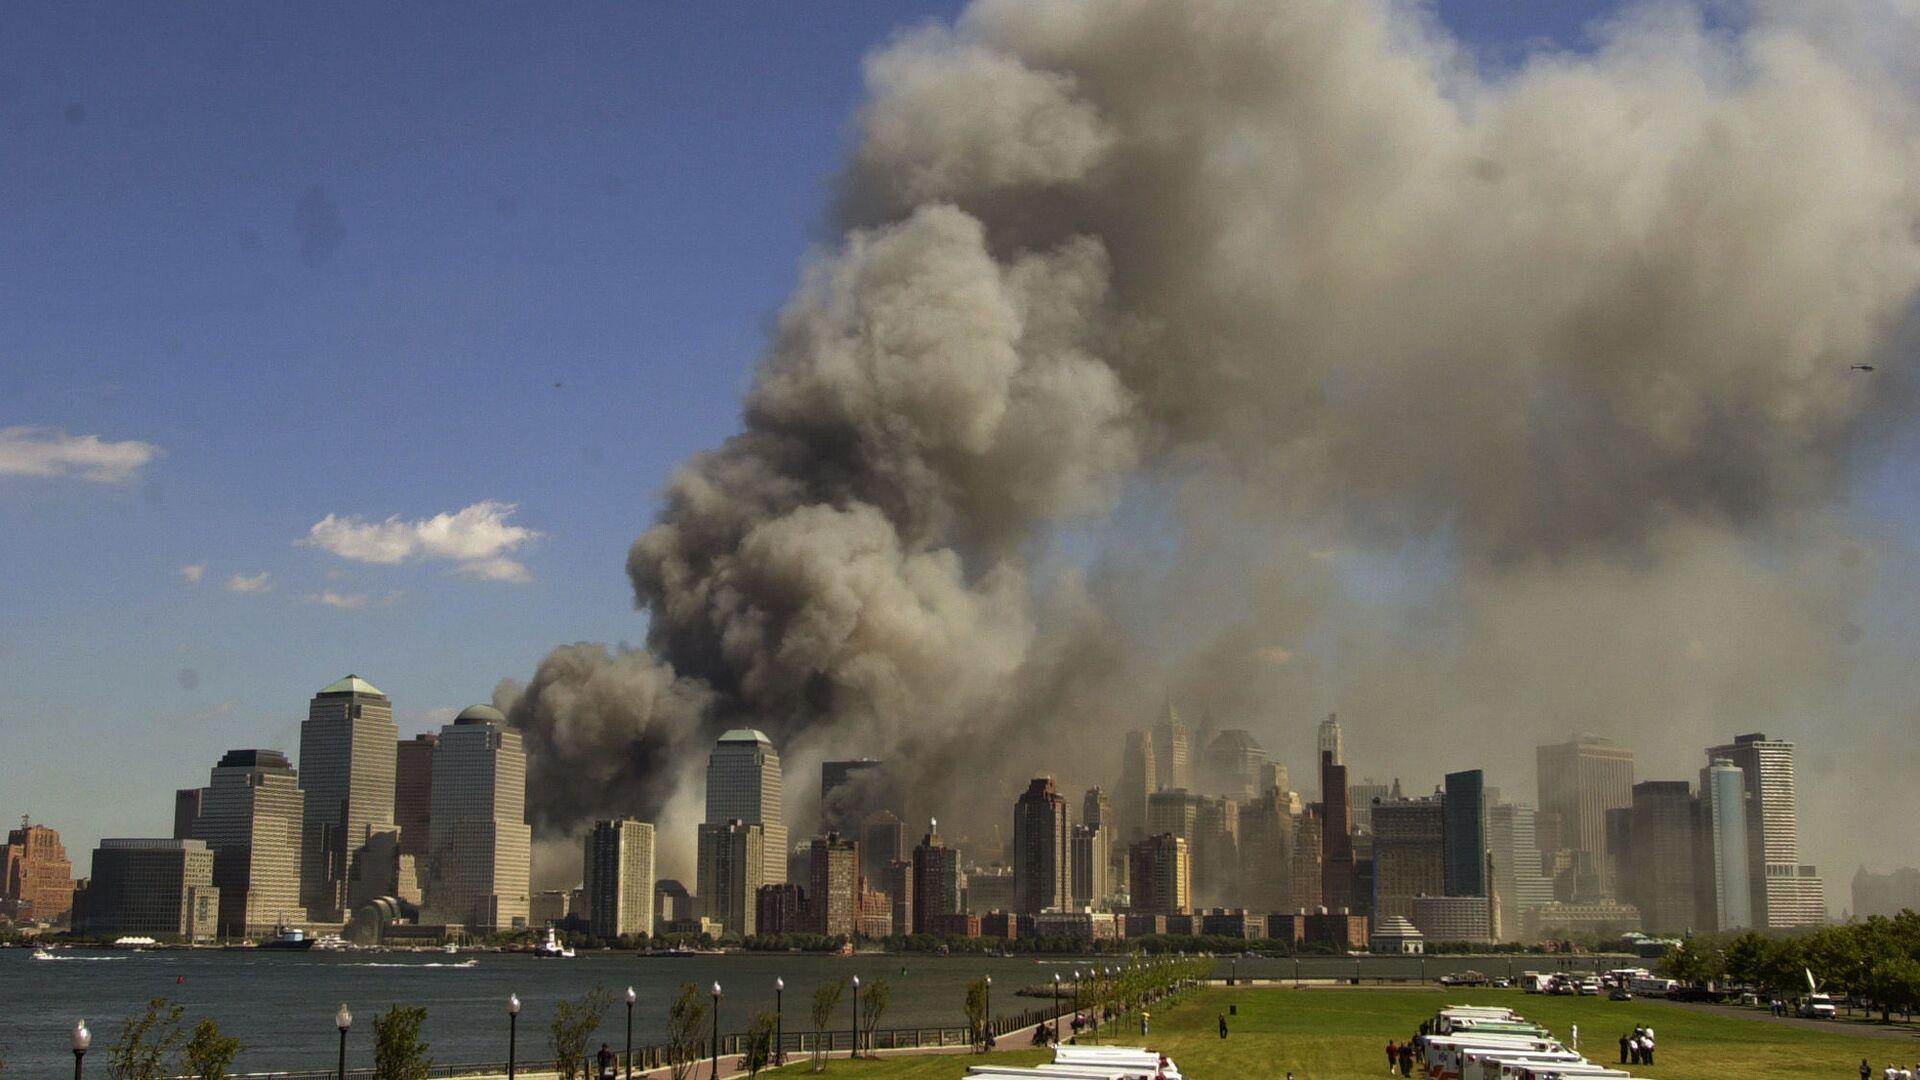 Башни Всемирного торгового центра в огне после теракта 11 сентября - Sputnik Mundo, 1920, 08.09.2021